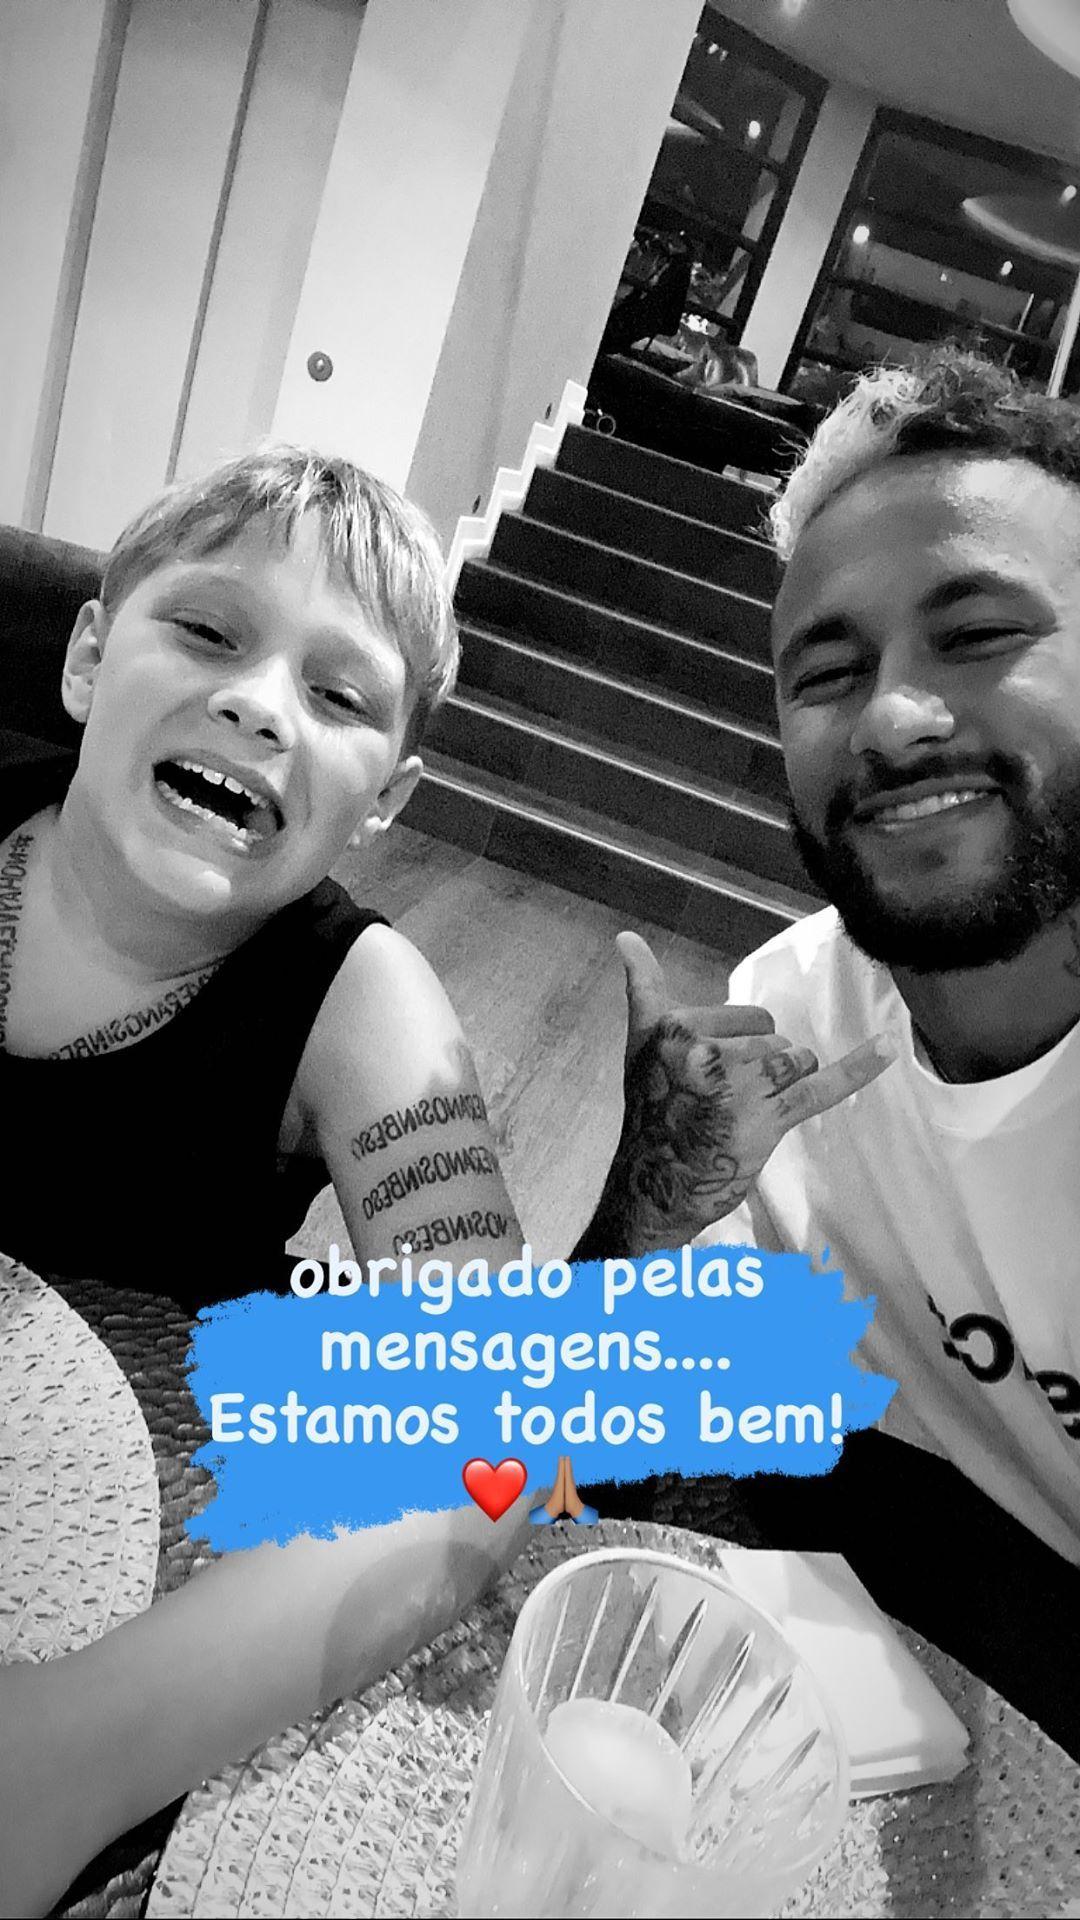 Neymar bersama sang putra, Davi Lucca, positif terjangkit virus Corona usai berlibur di Pulau Ibiza, Spanyol.